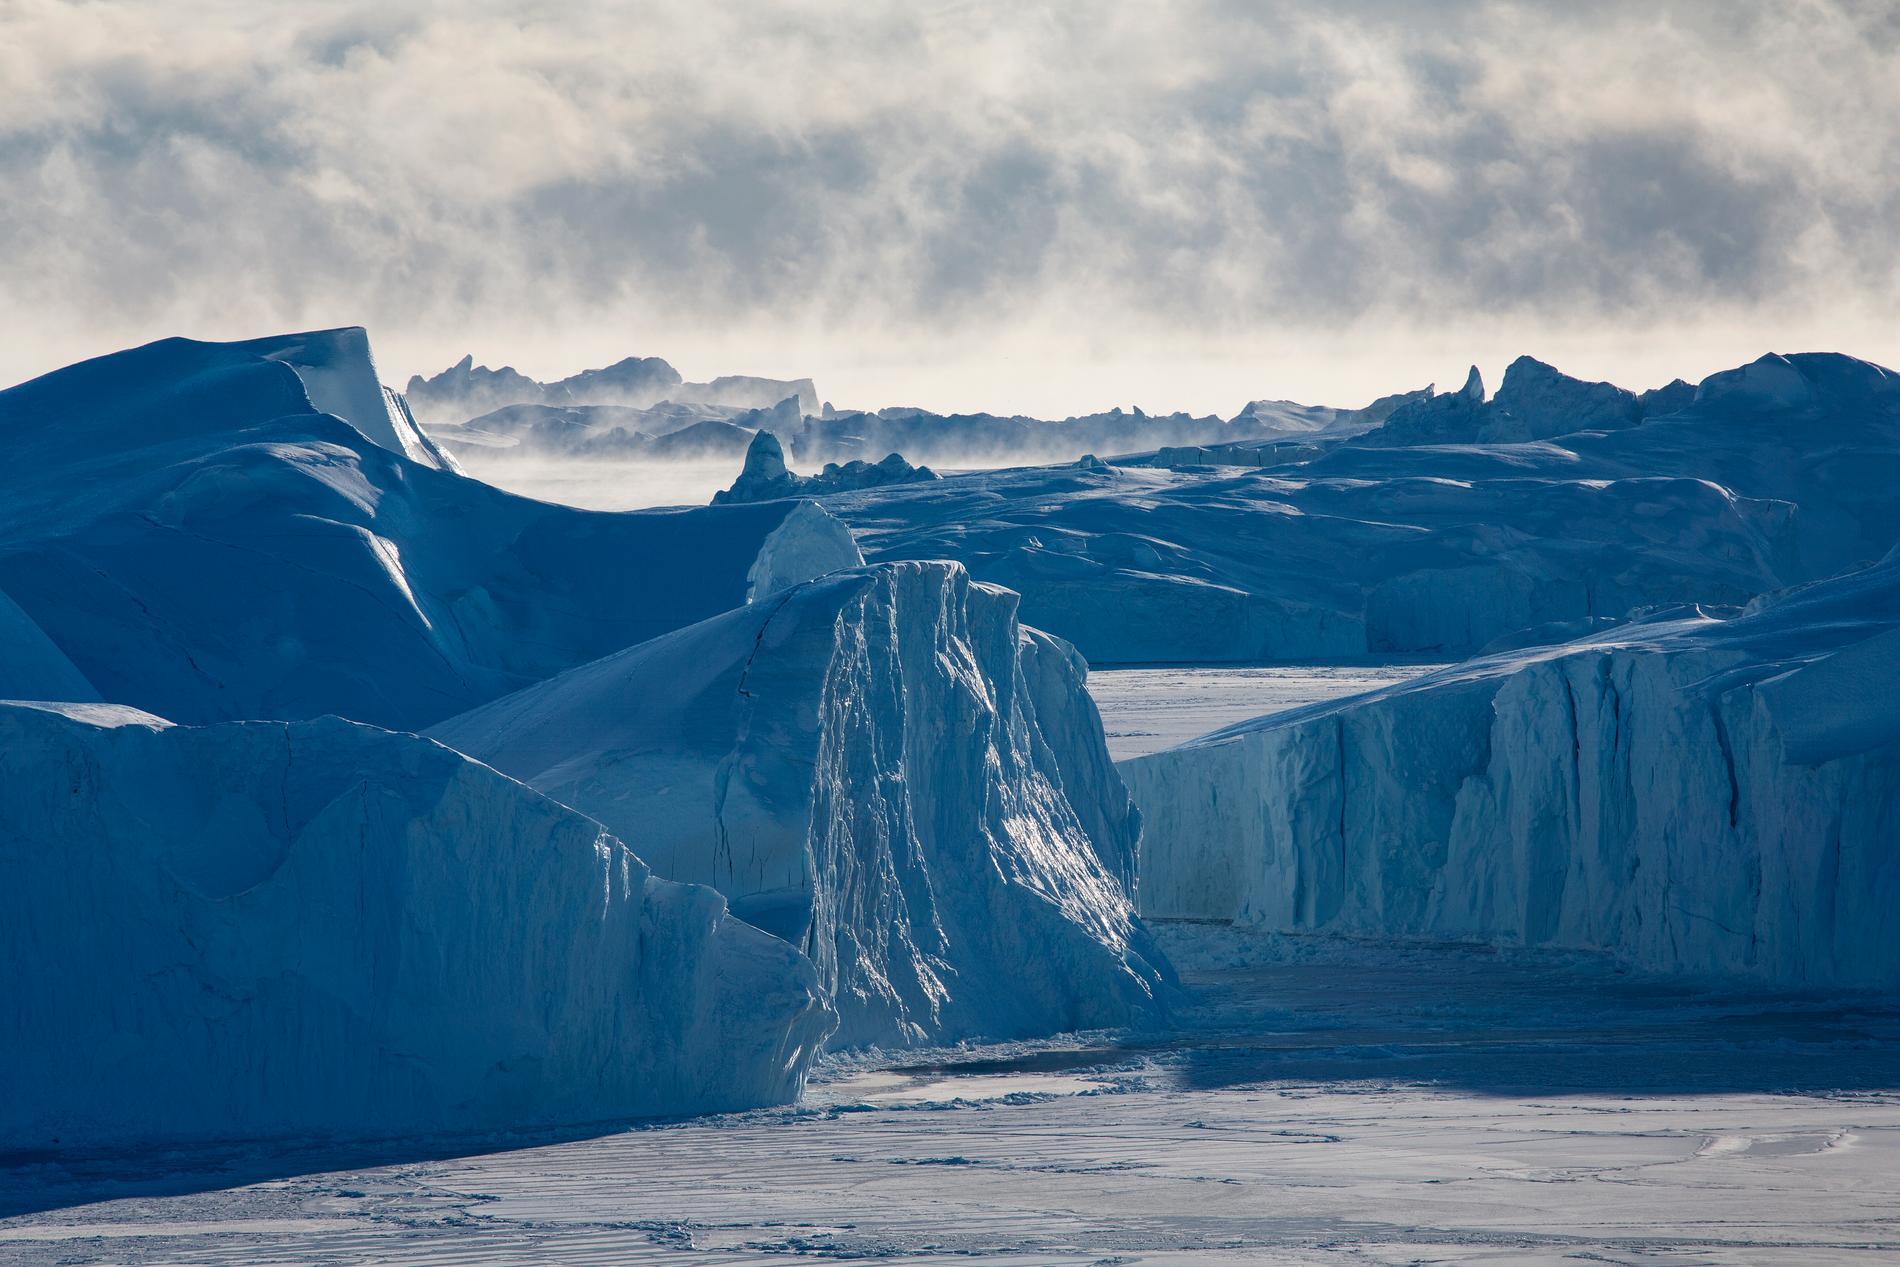 Det har regnat på Grönlandsisen för första gången sedan mätningarna startade.